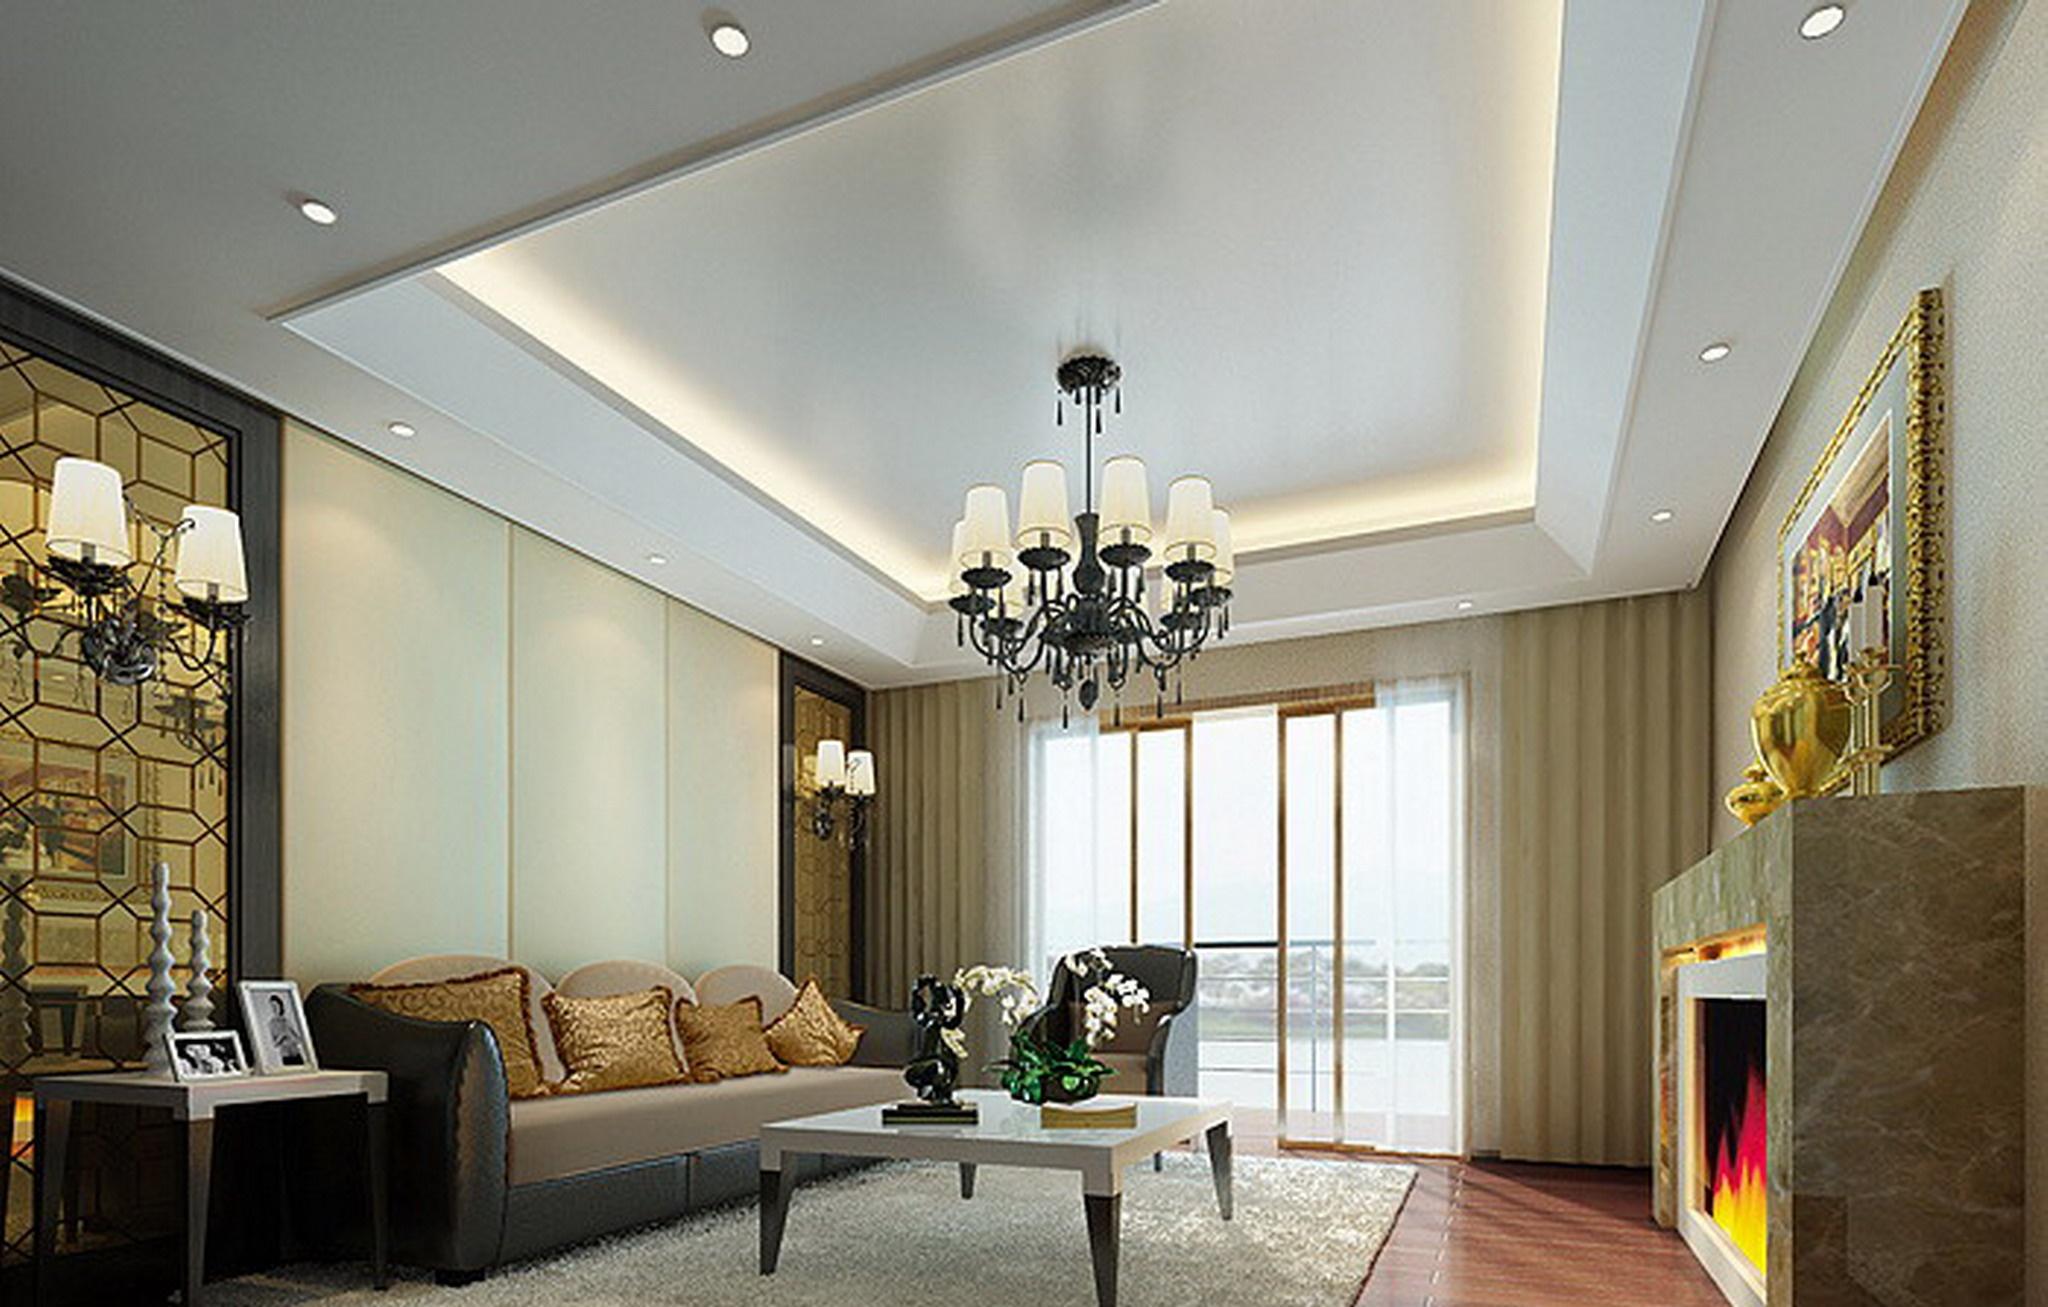 简约客厅吊顶装饰效果图装修效果图